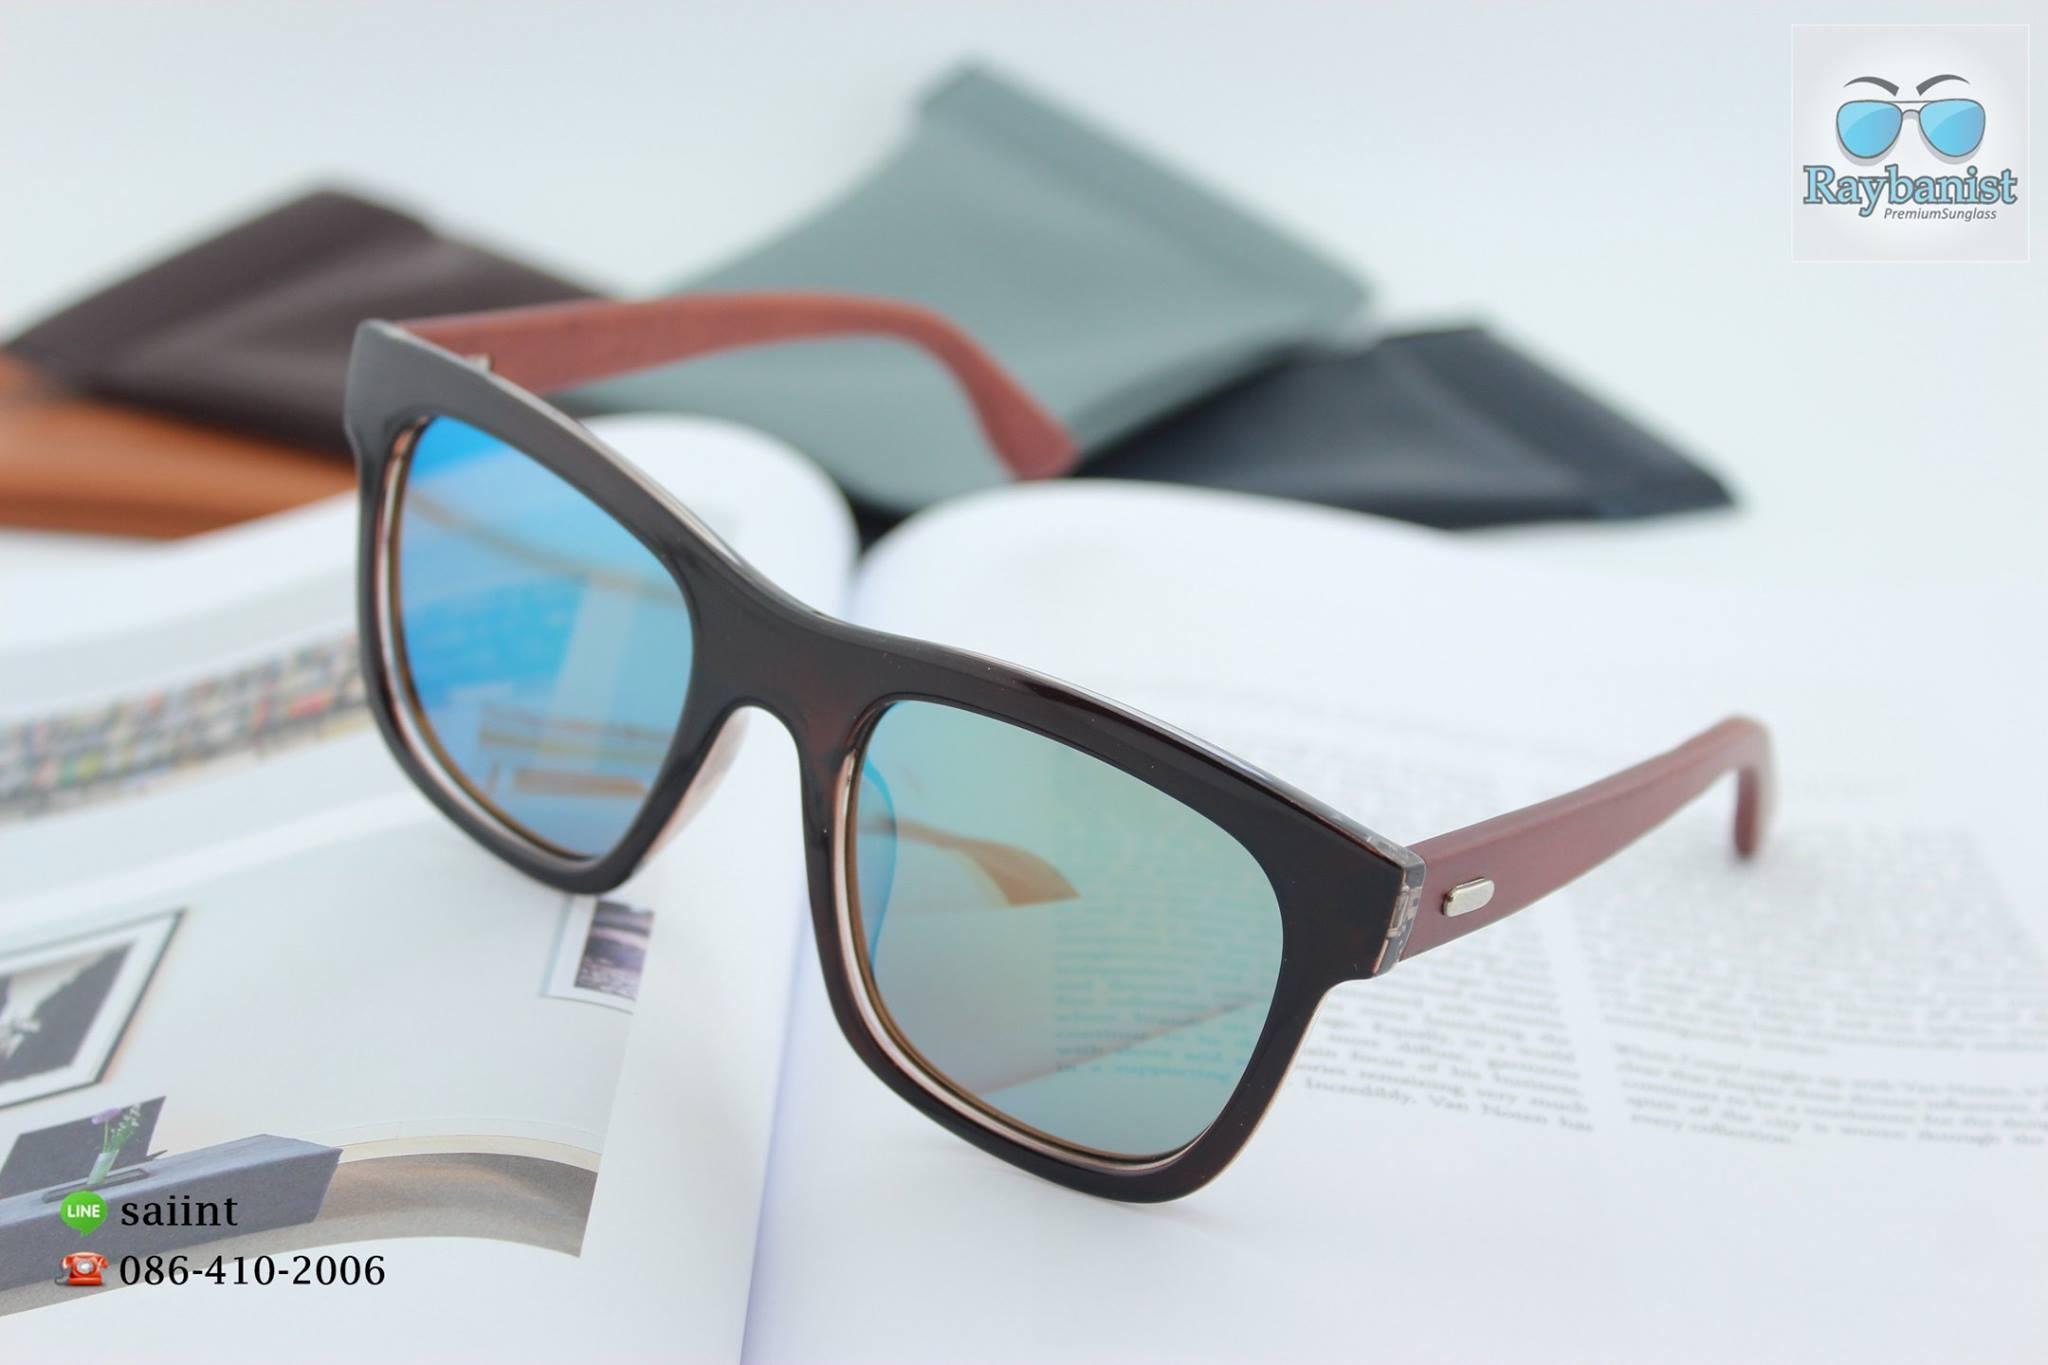 แว่นตากันแดด ขาไม้สีน้ำตาล เลนส์ปรอท